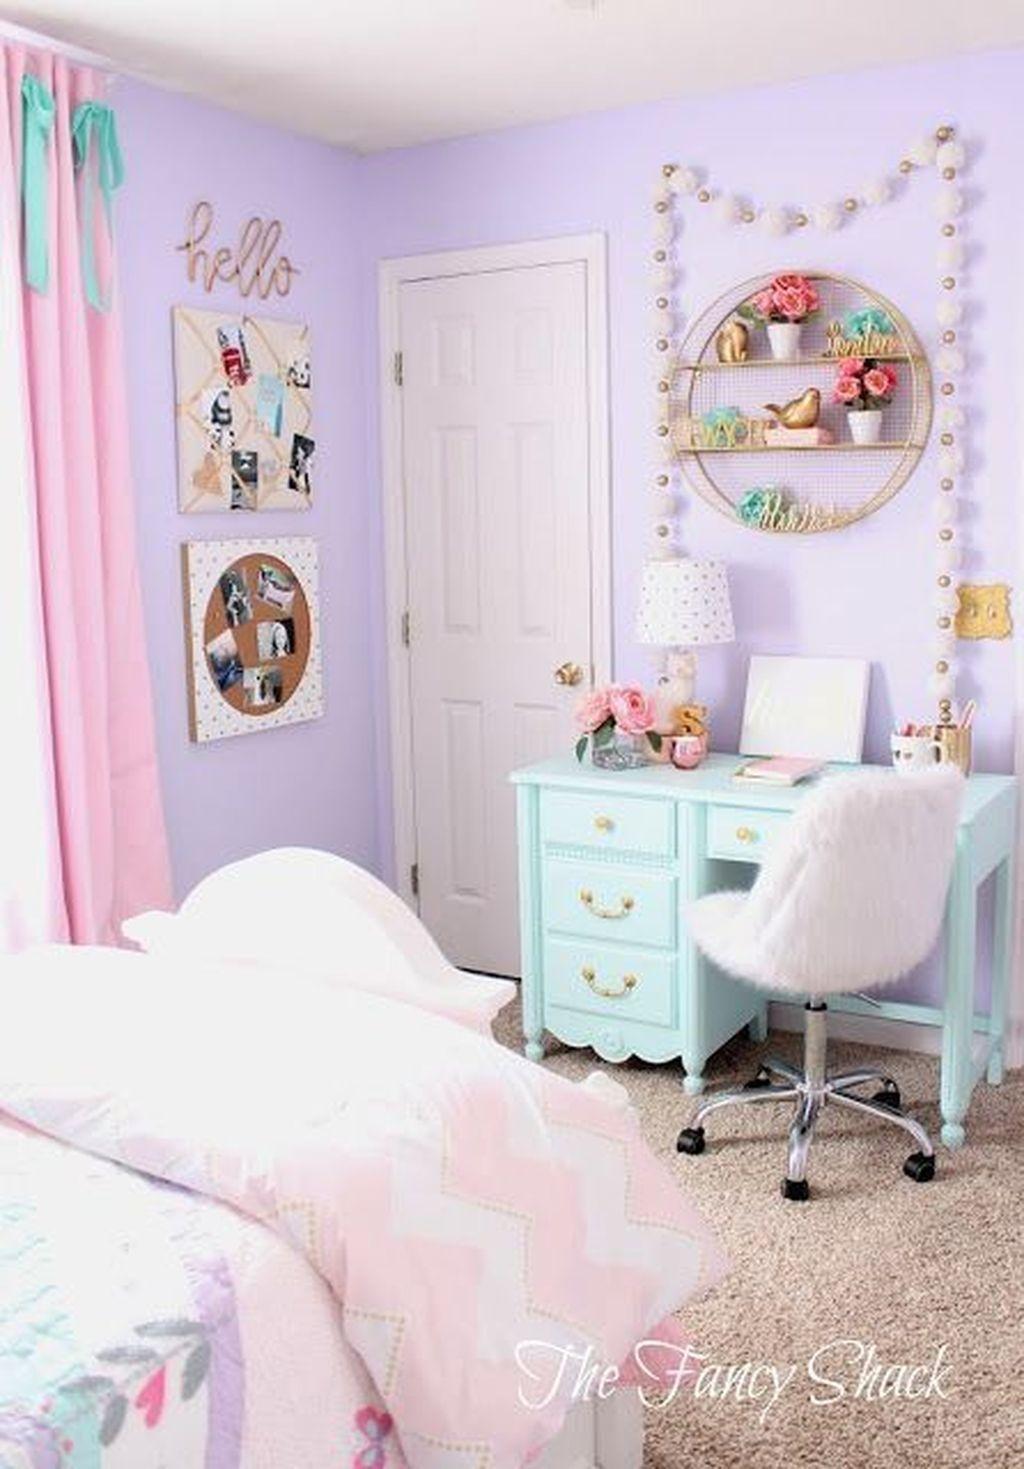 Pin By Hanasns 1609 On Kawai Room Pastel Bedroom Purple